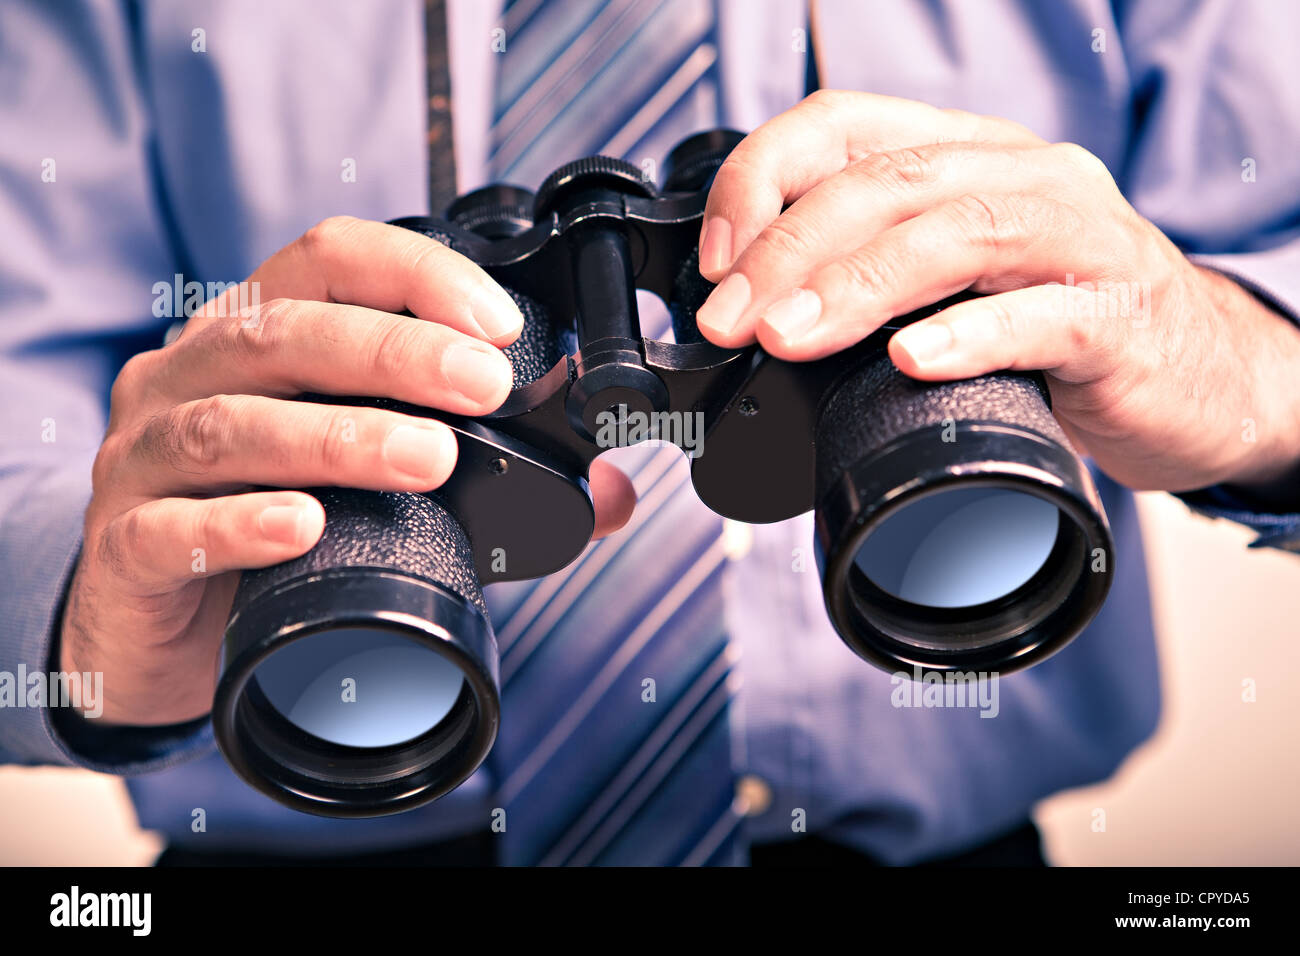 Portrait of a businessman with spyglass Photo Stock